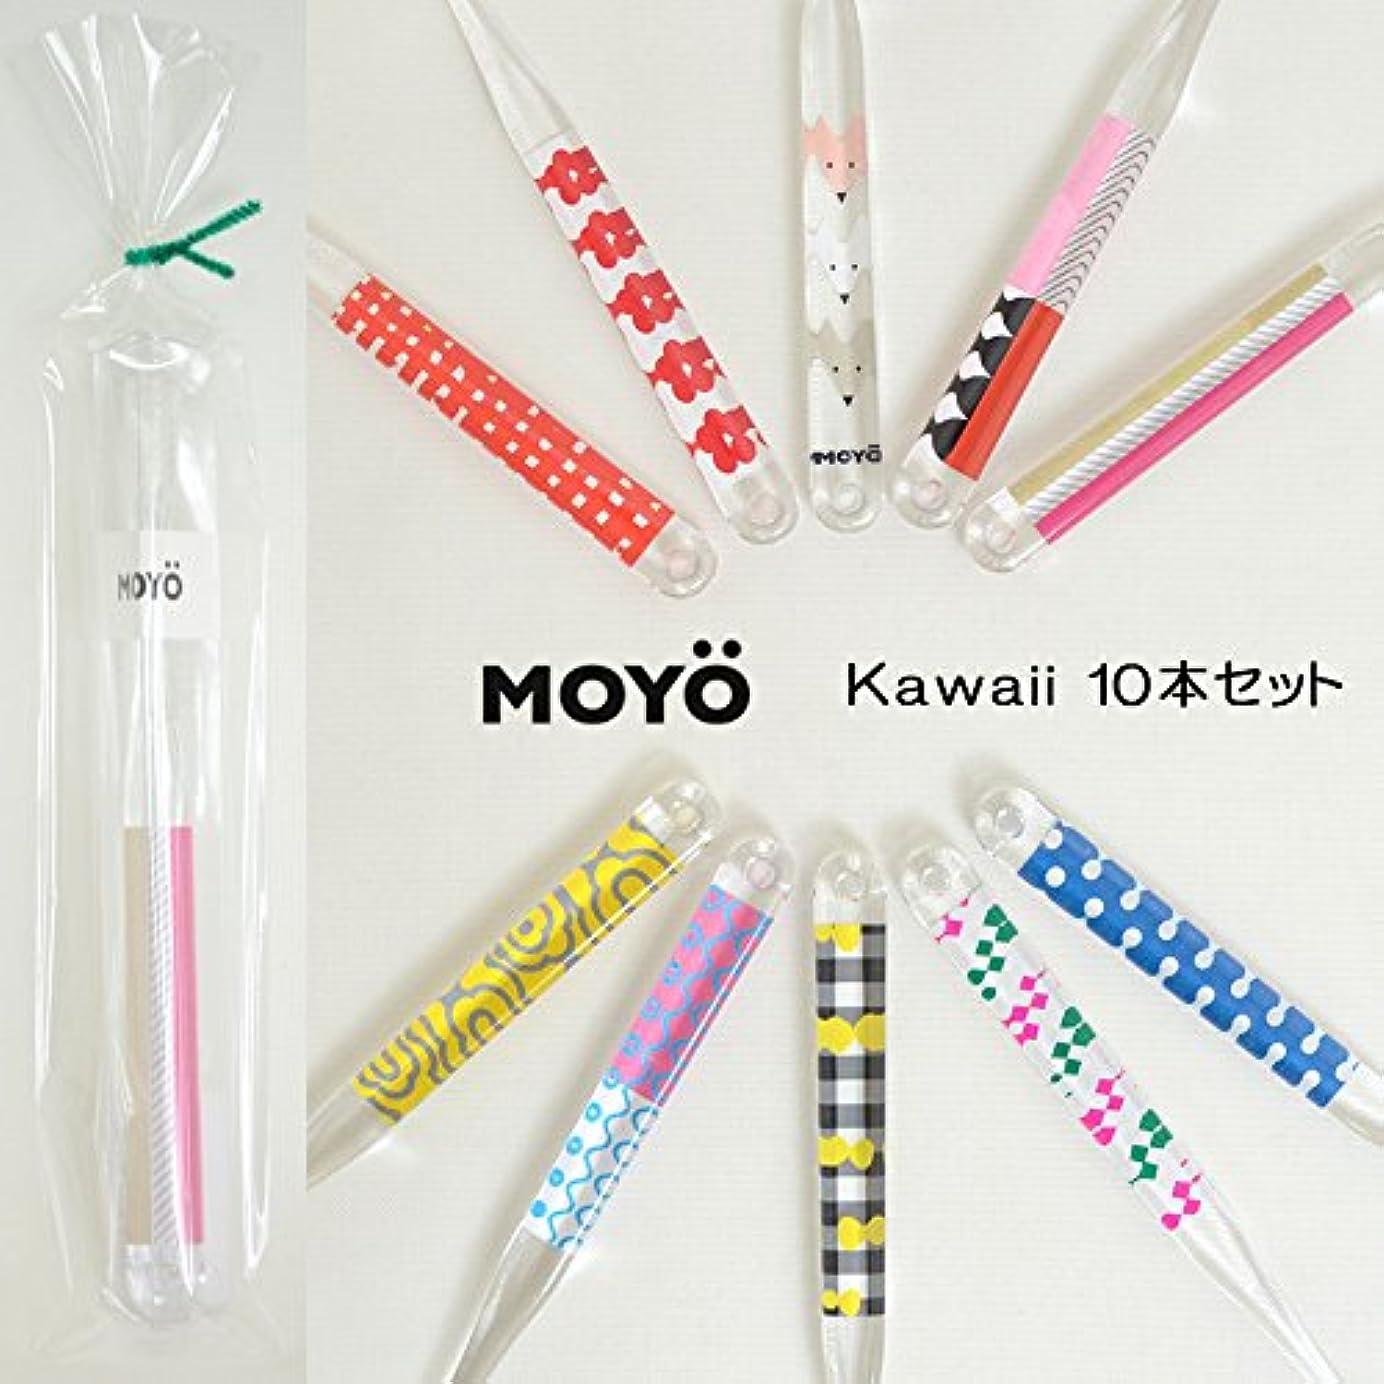 請願者対抗独裁MOYO モヨウ kawaii10本 プチ ギフト セット_562302-kawaii2 【F】,kawaii10本セット